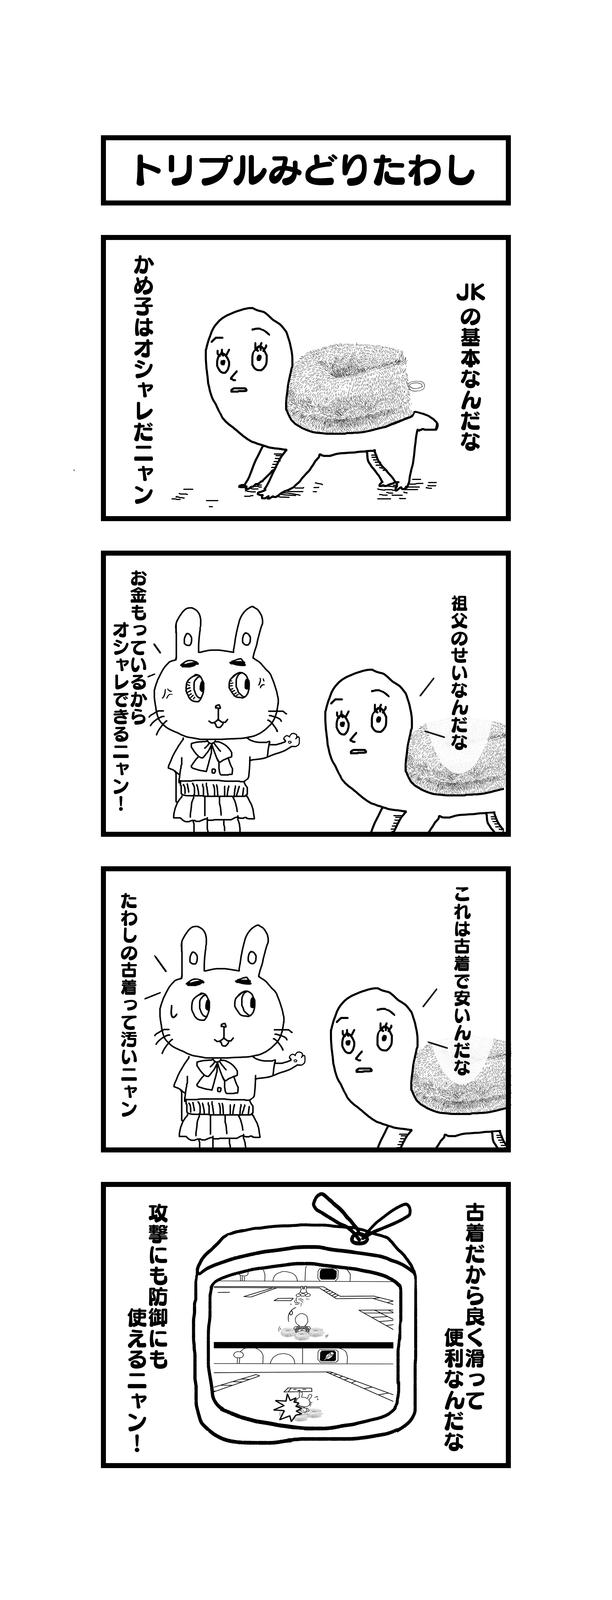 孫の代までウサギとカメ第8話